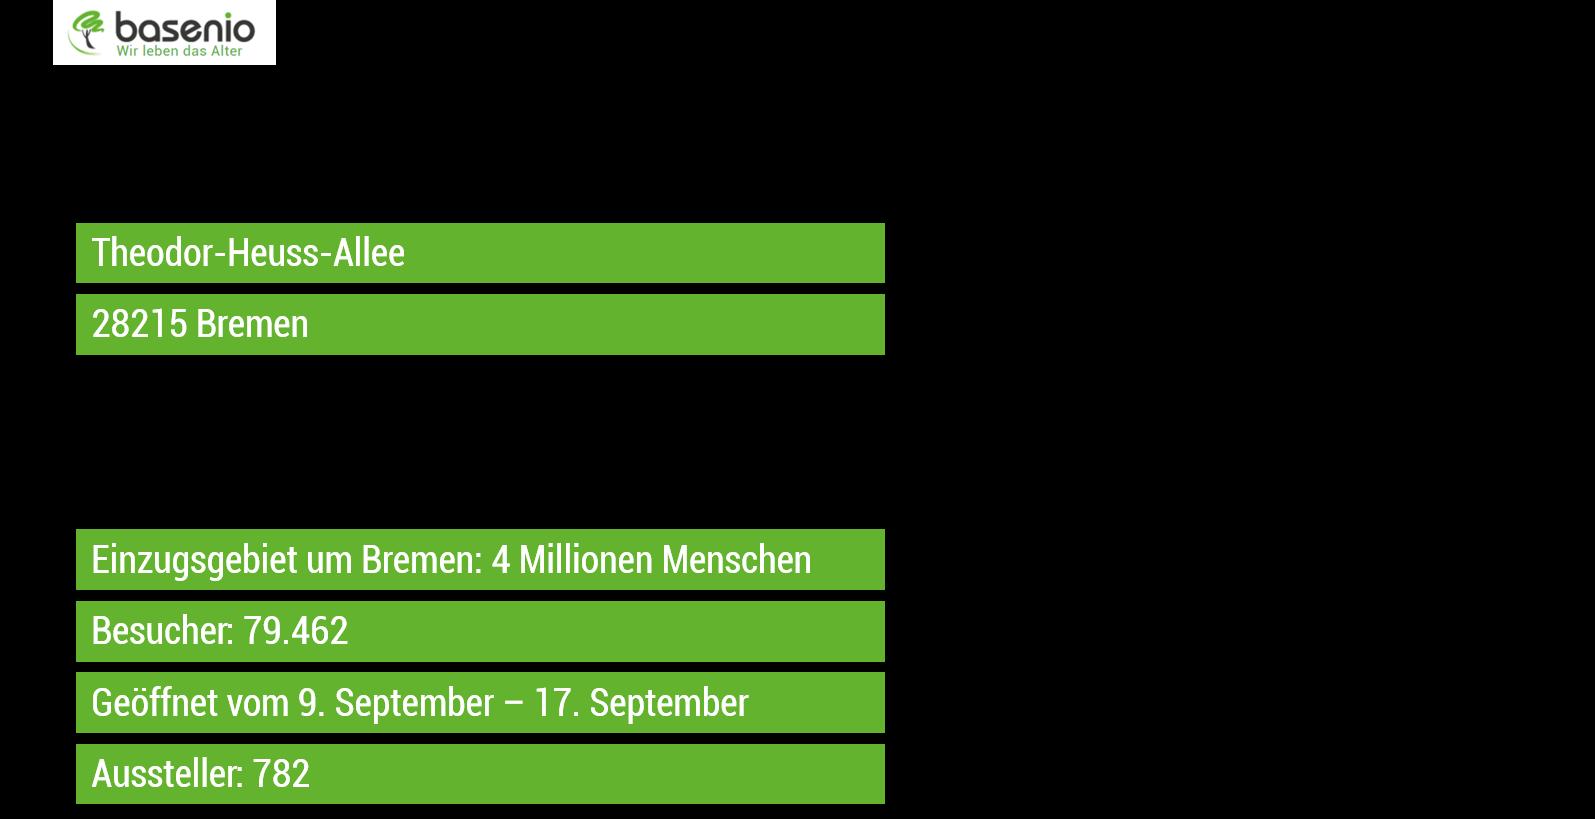 Daten zur HanseLife 2017 in Bremen. Für die InVita liegen der Redaktion keine gesonderten Zahlen vor.